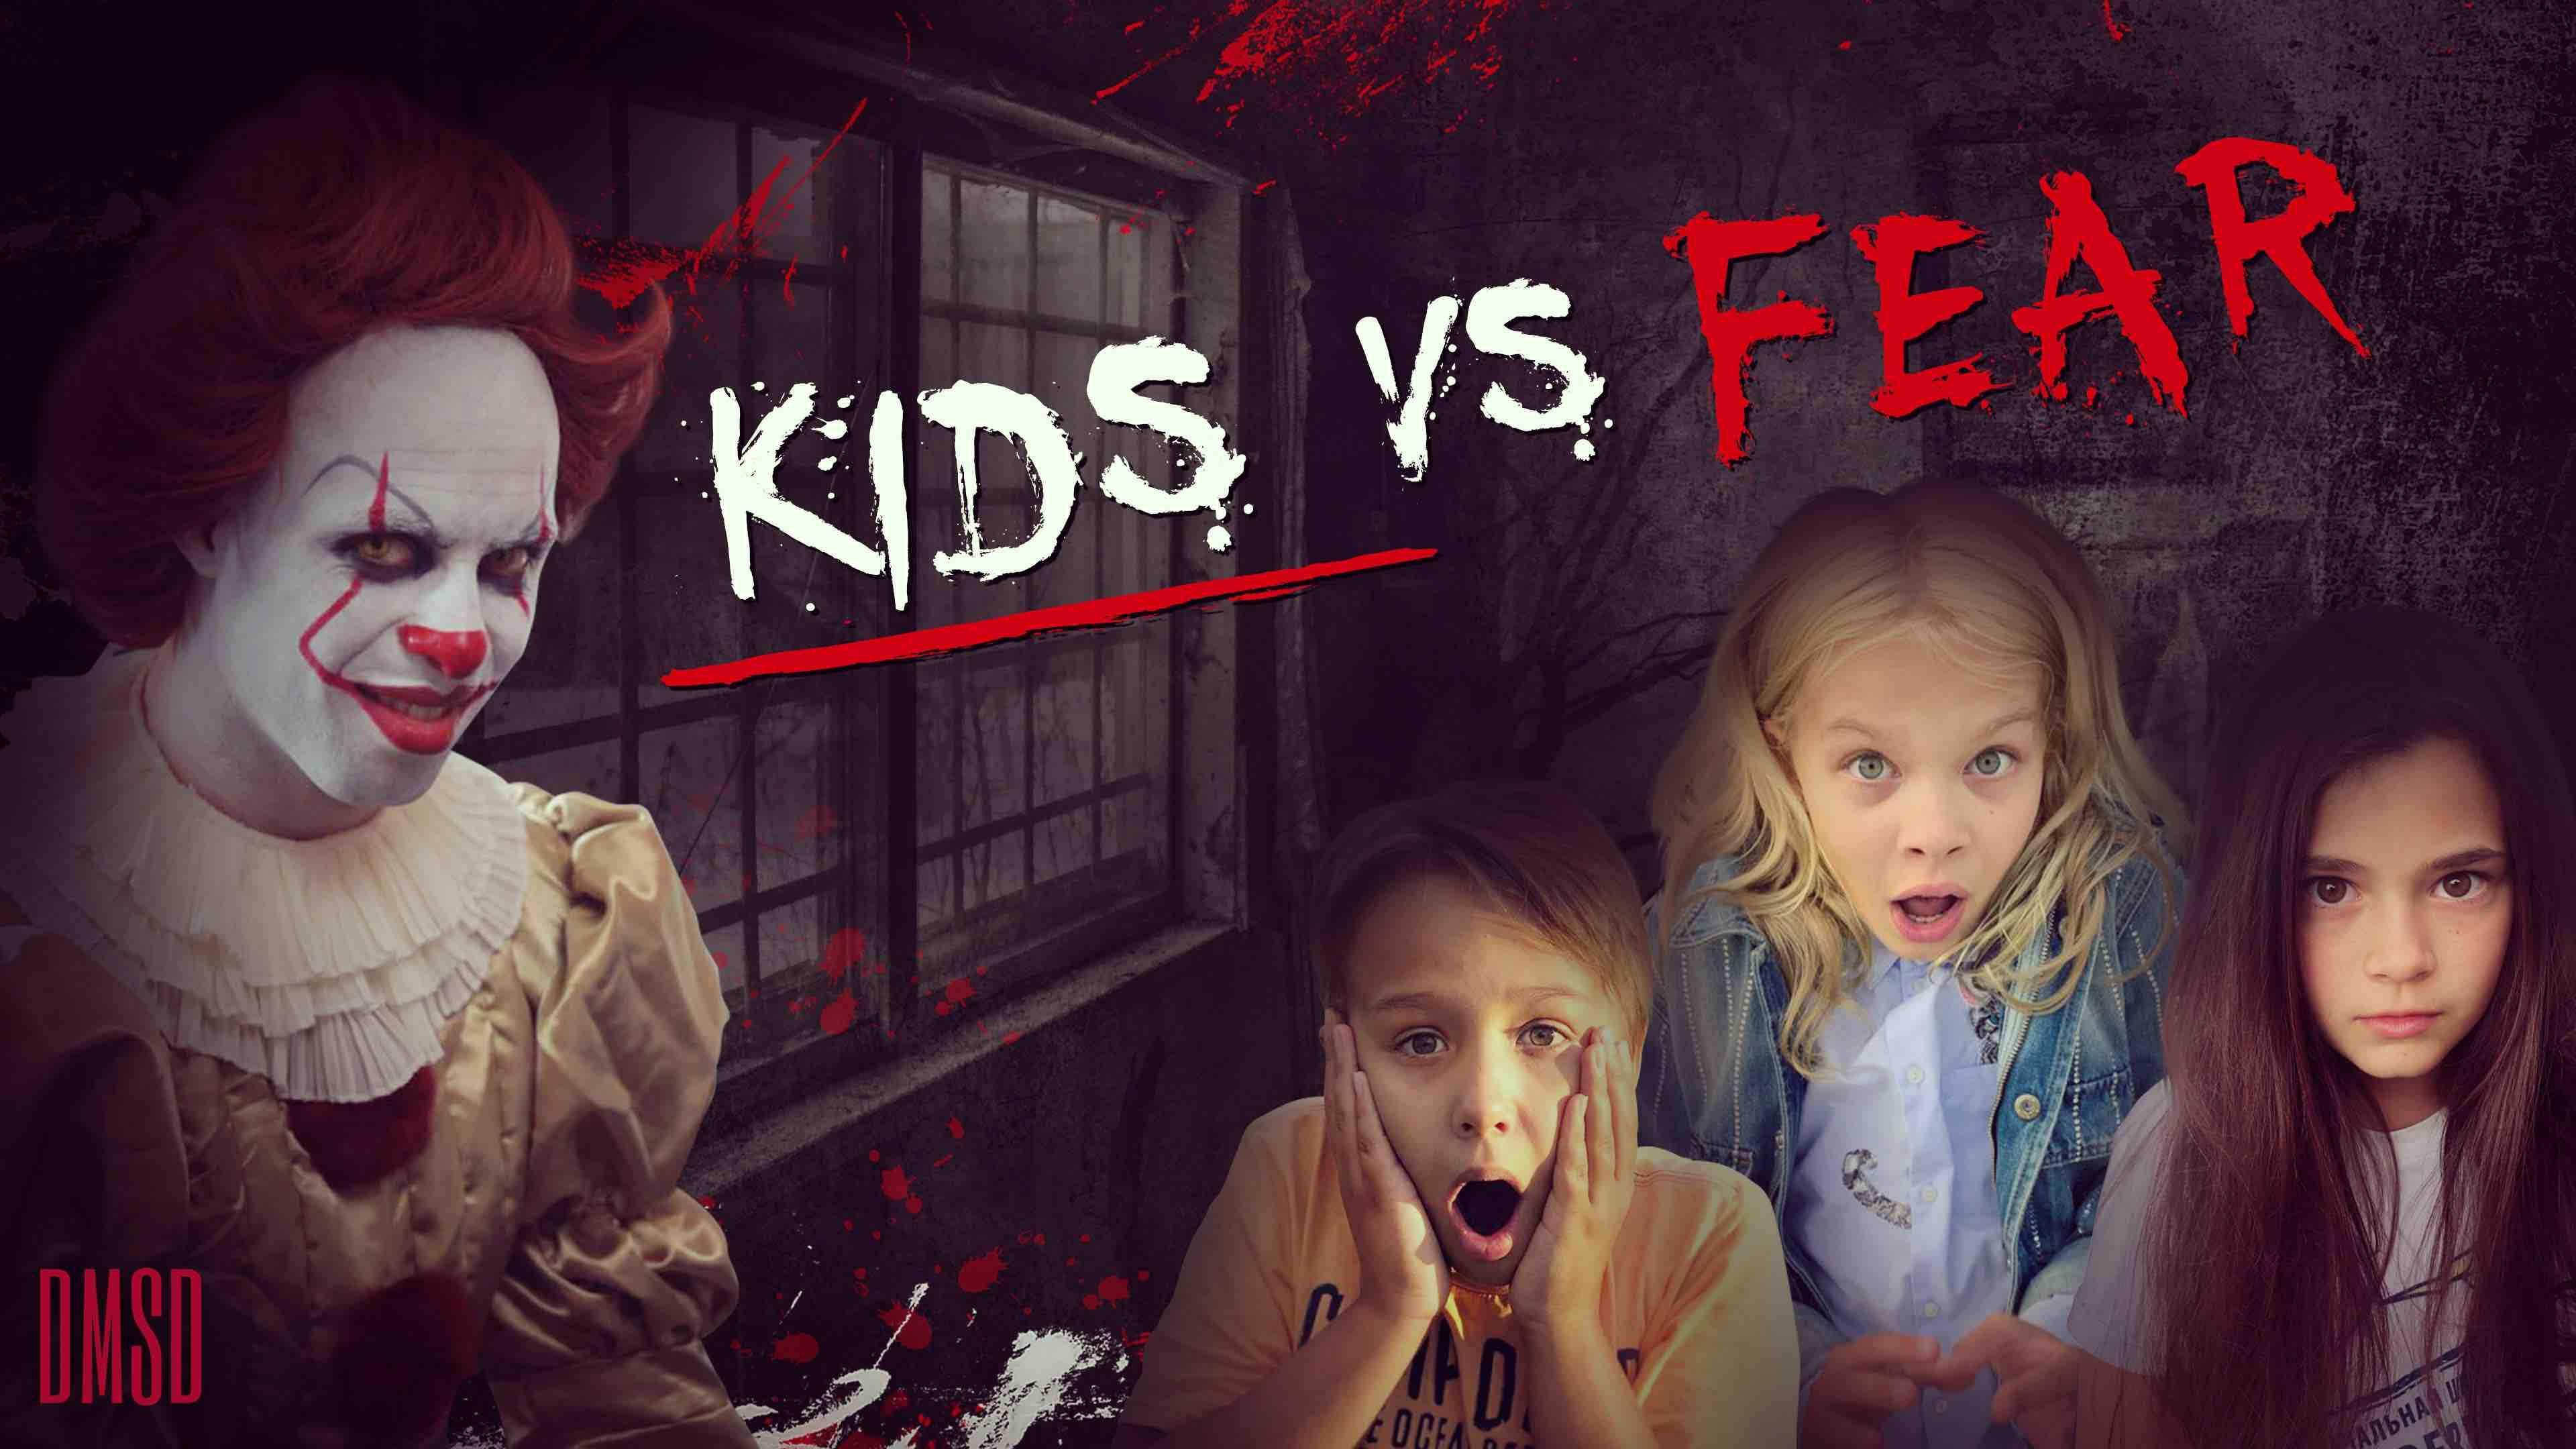 Kids vs Fear [2020]